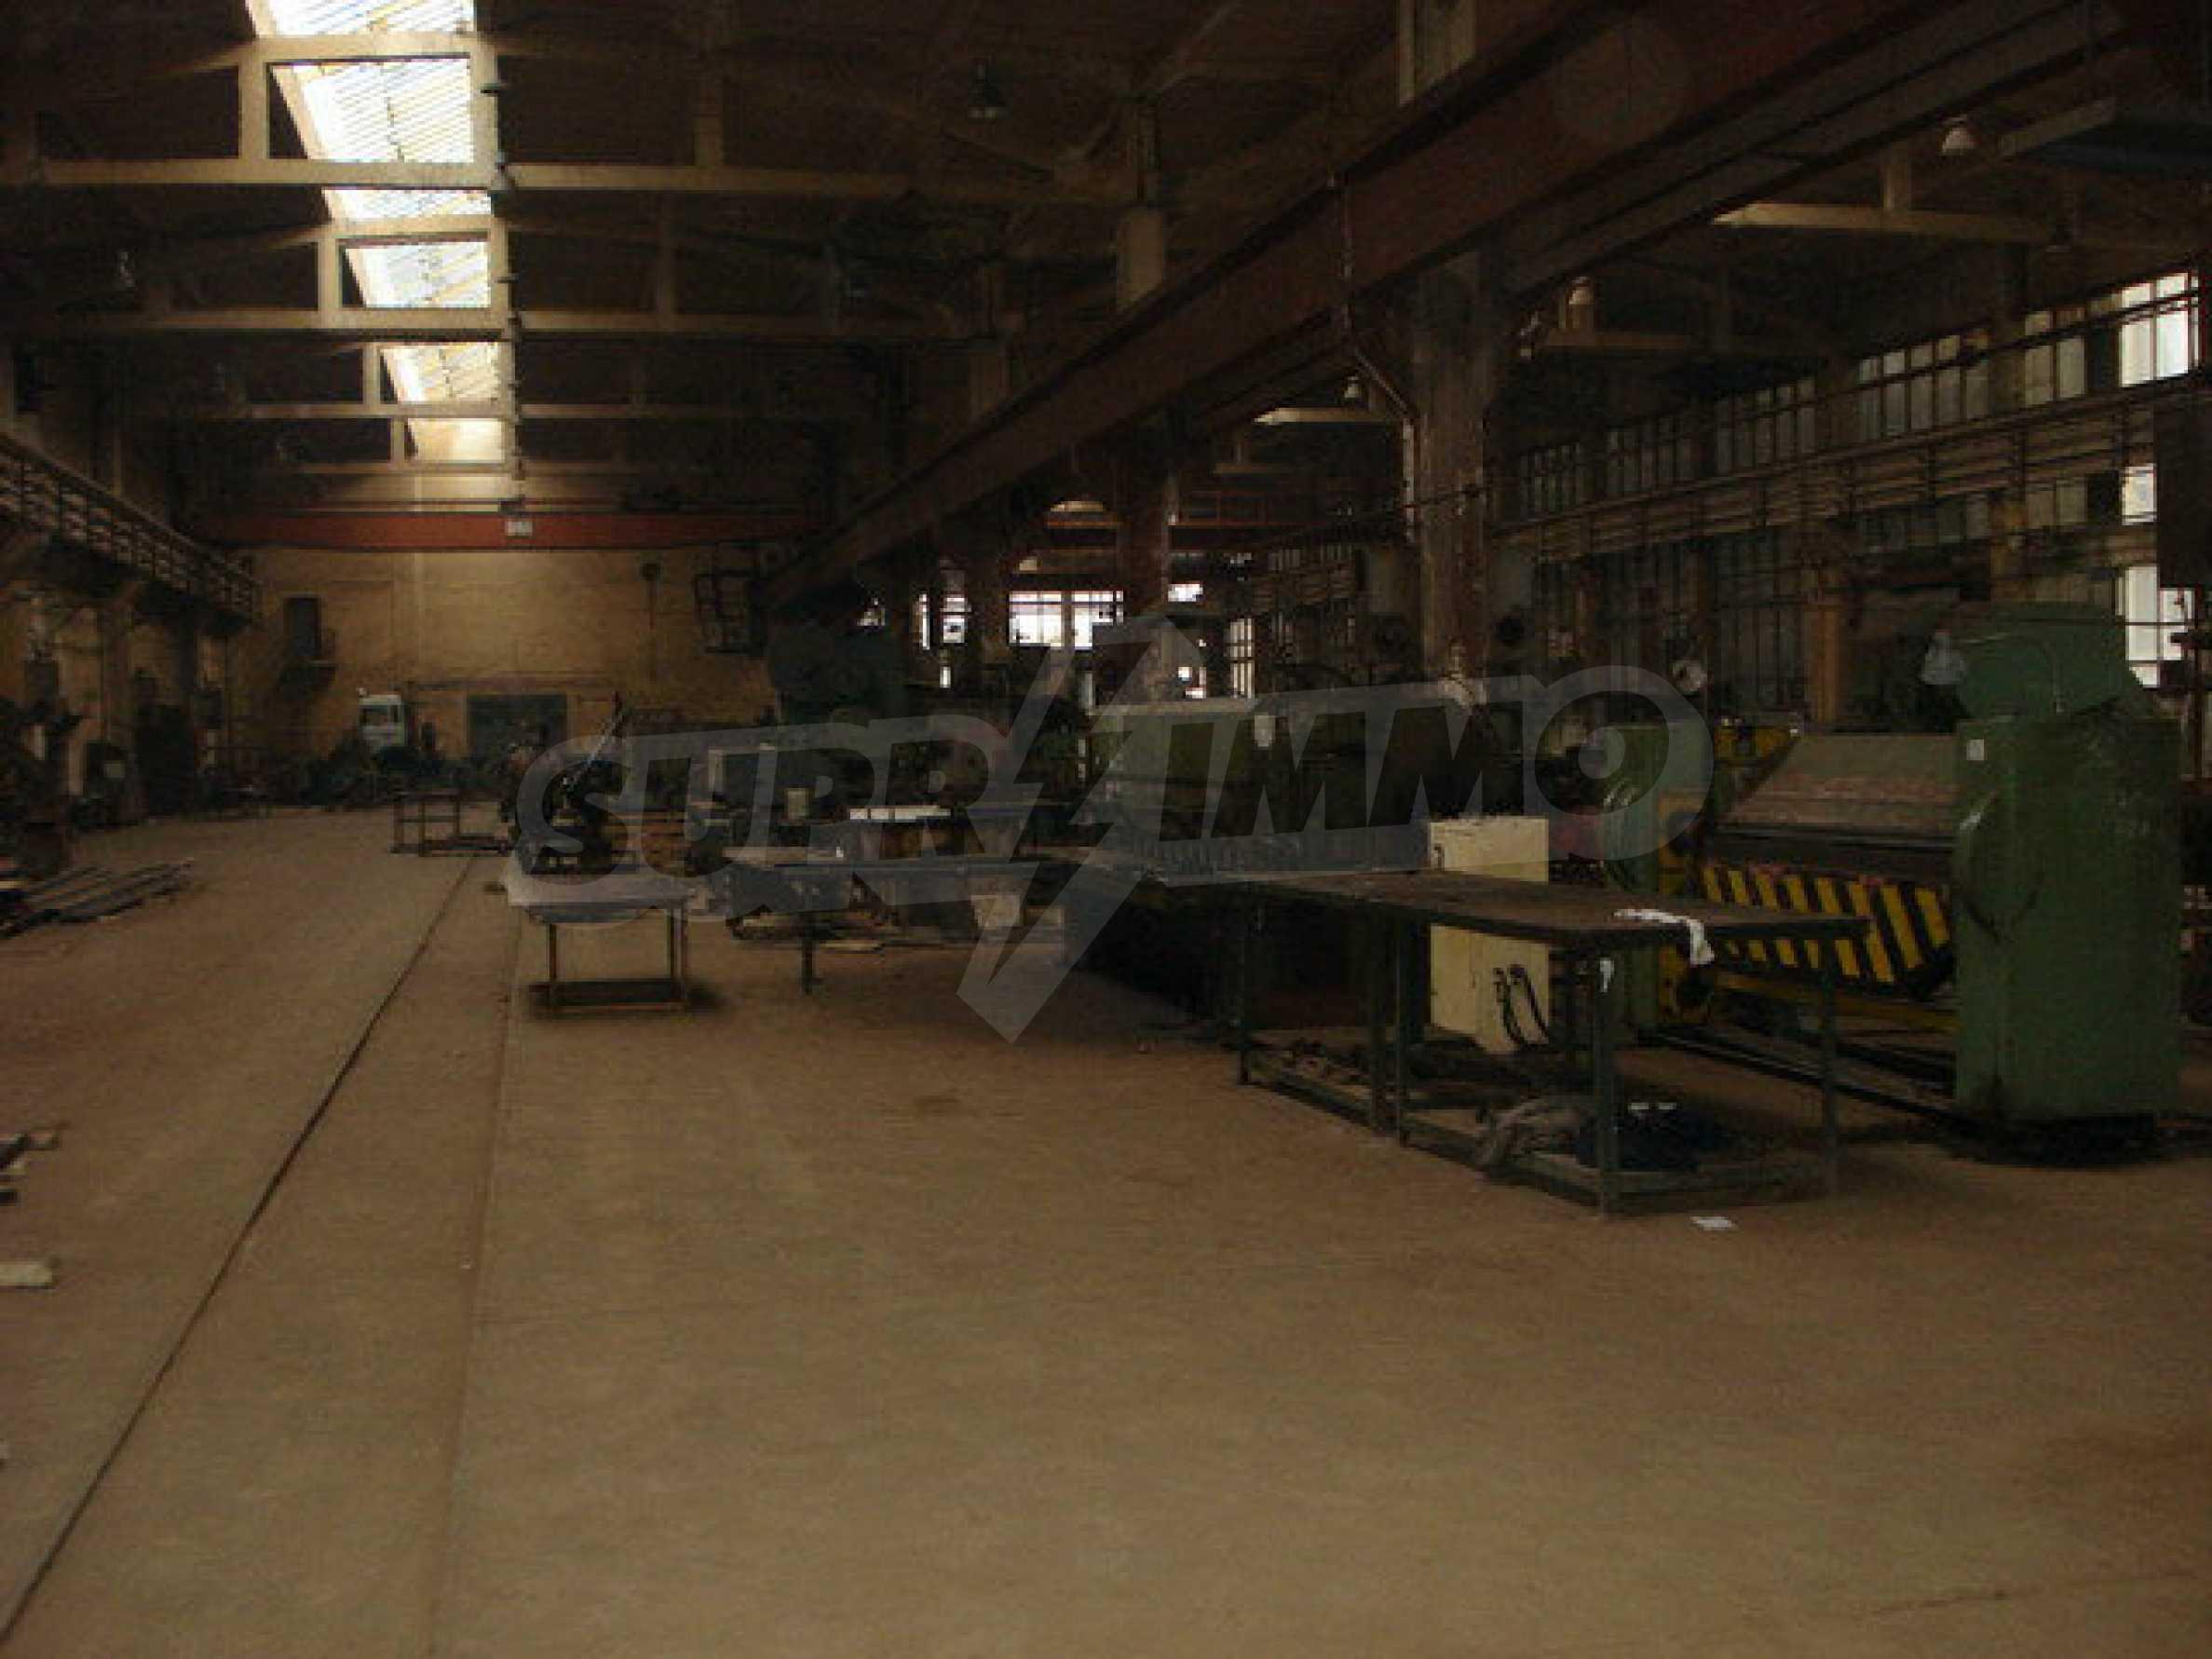 Factory for metal parts in Veliko Tarnovo 7